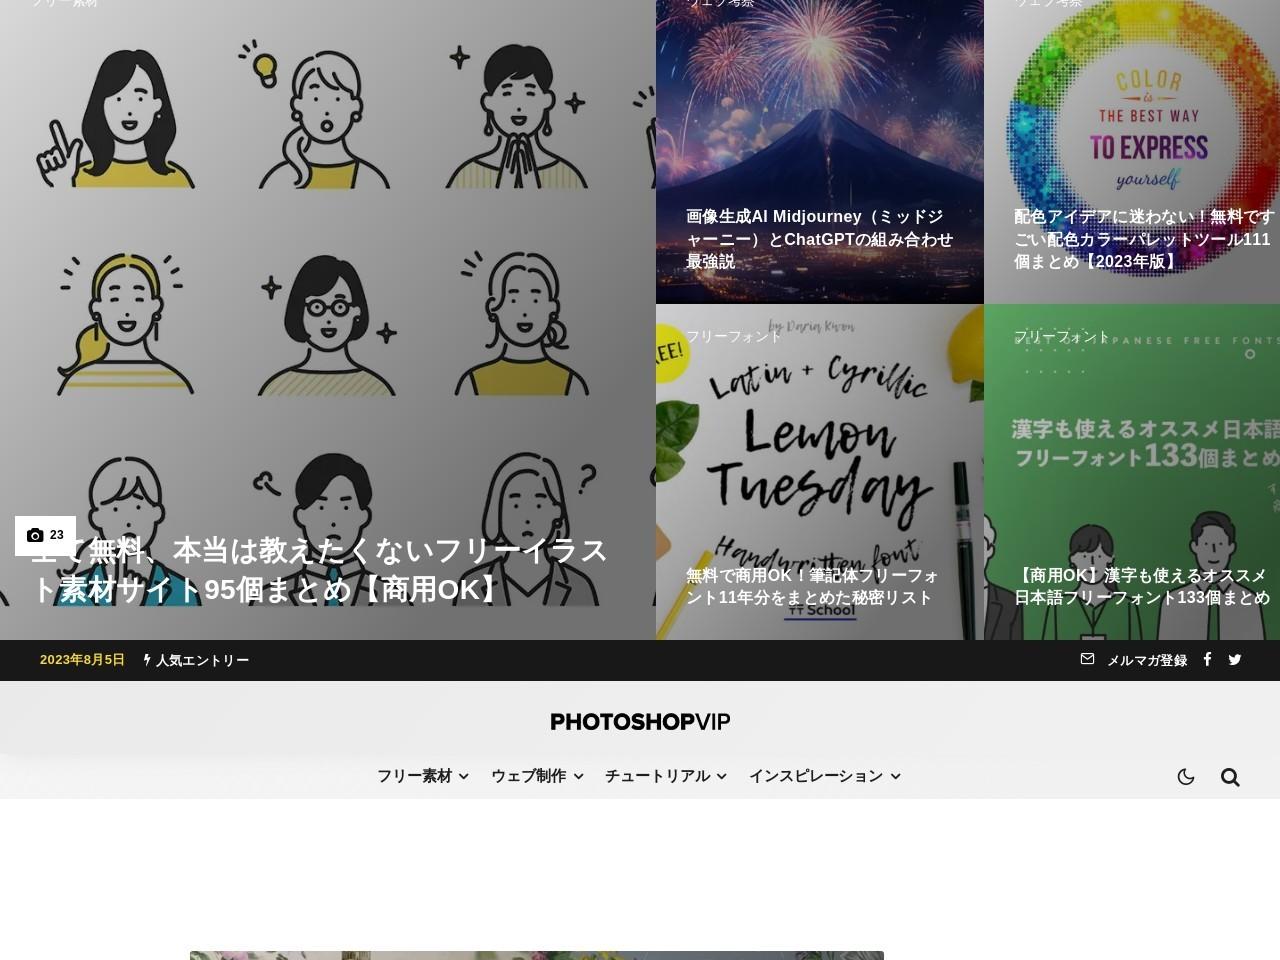 http://photoshopvip.net/wp-content/uploads/2013/01/text-effect-tutorials-17.jpg